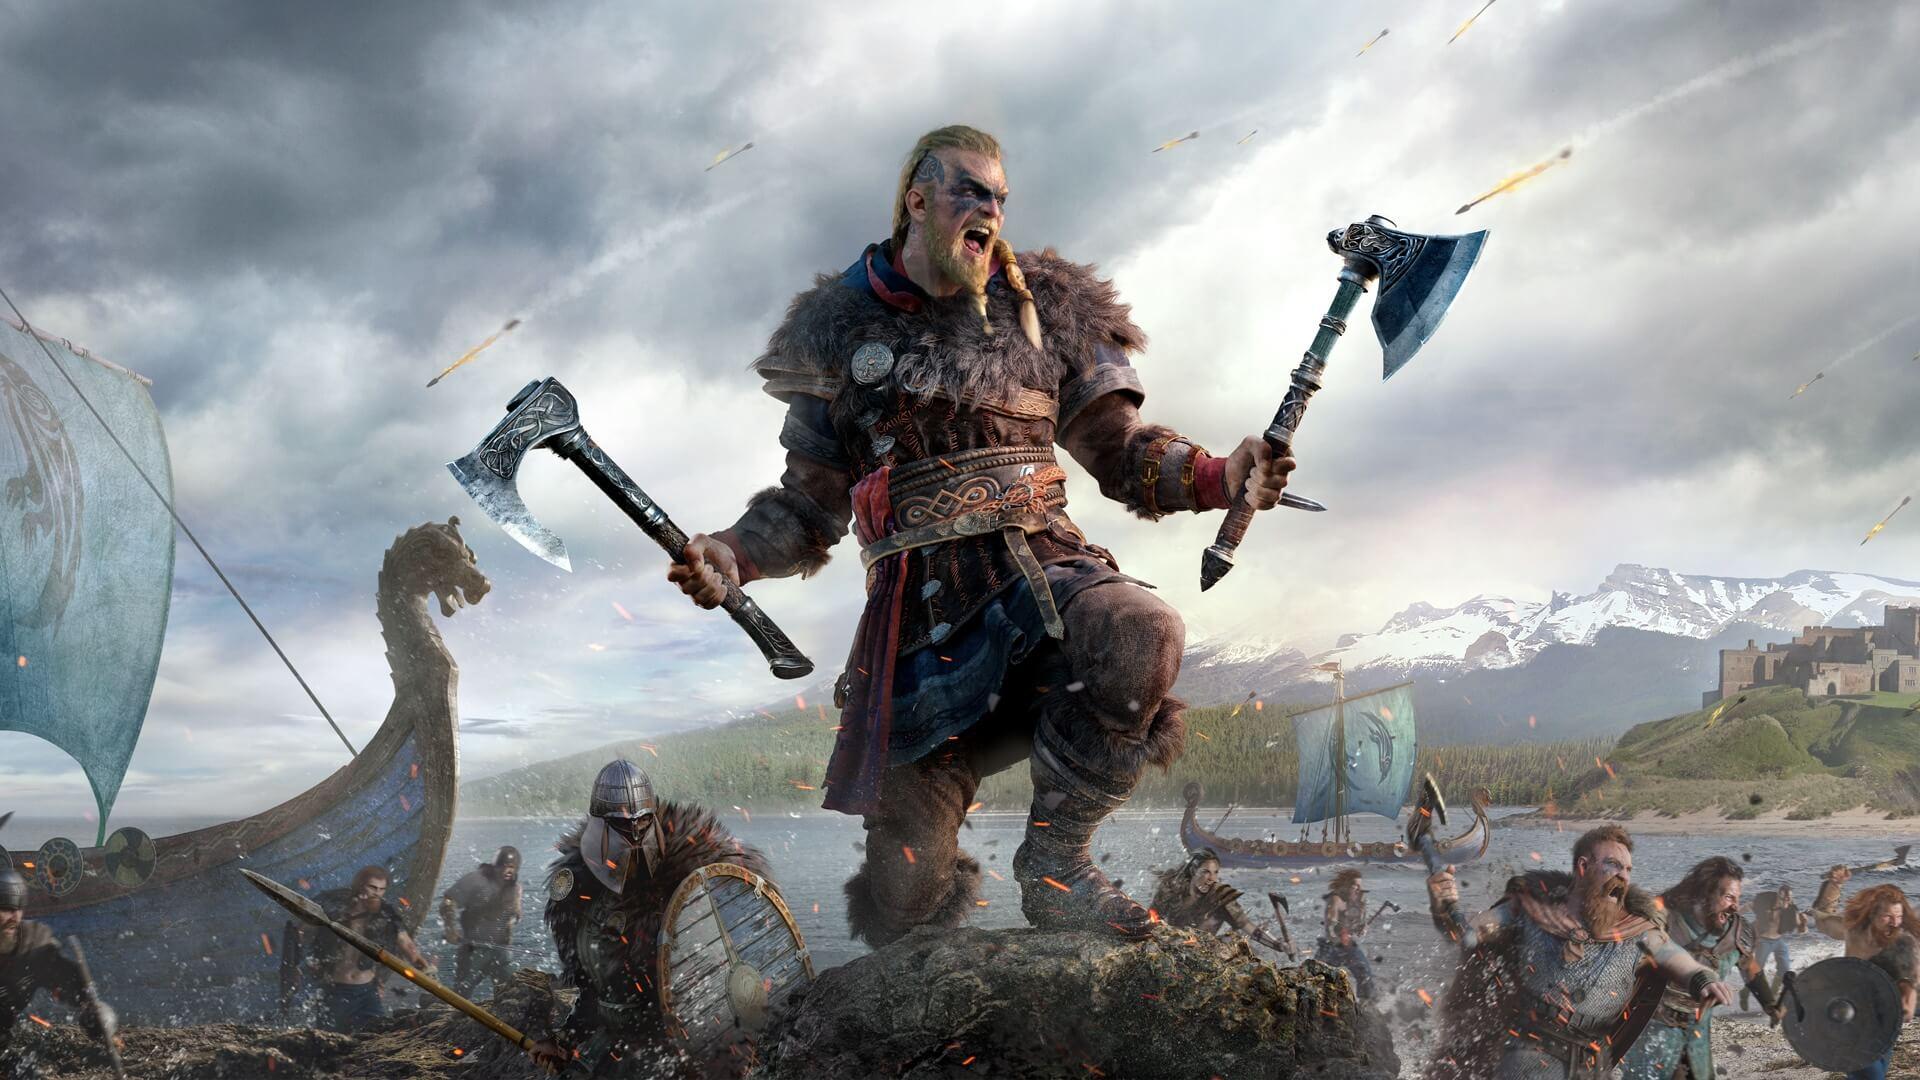 Assassin's Creed Valhalla desvela novedades de su actualización 1.3.0